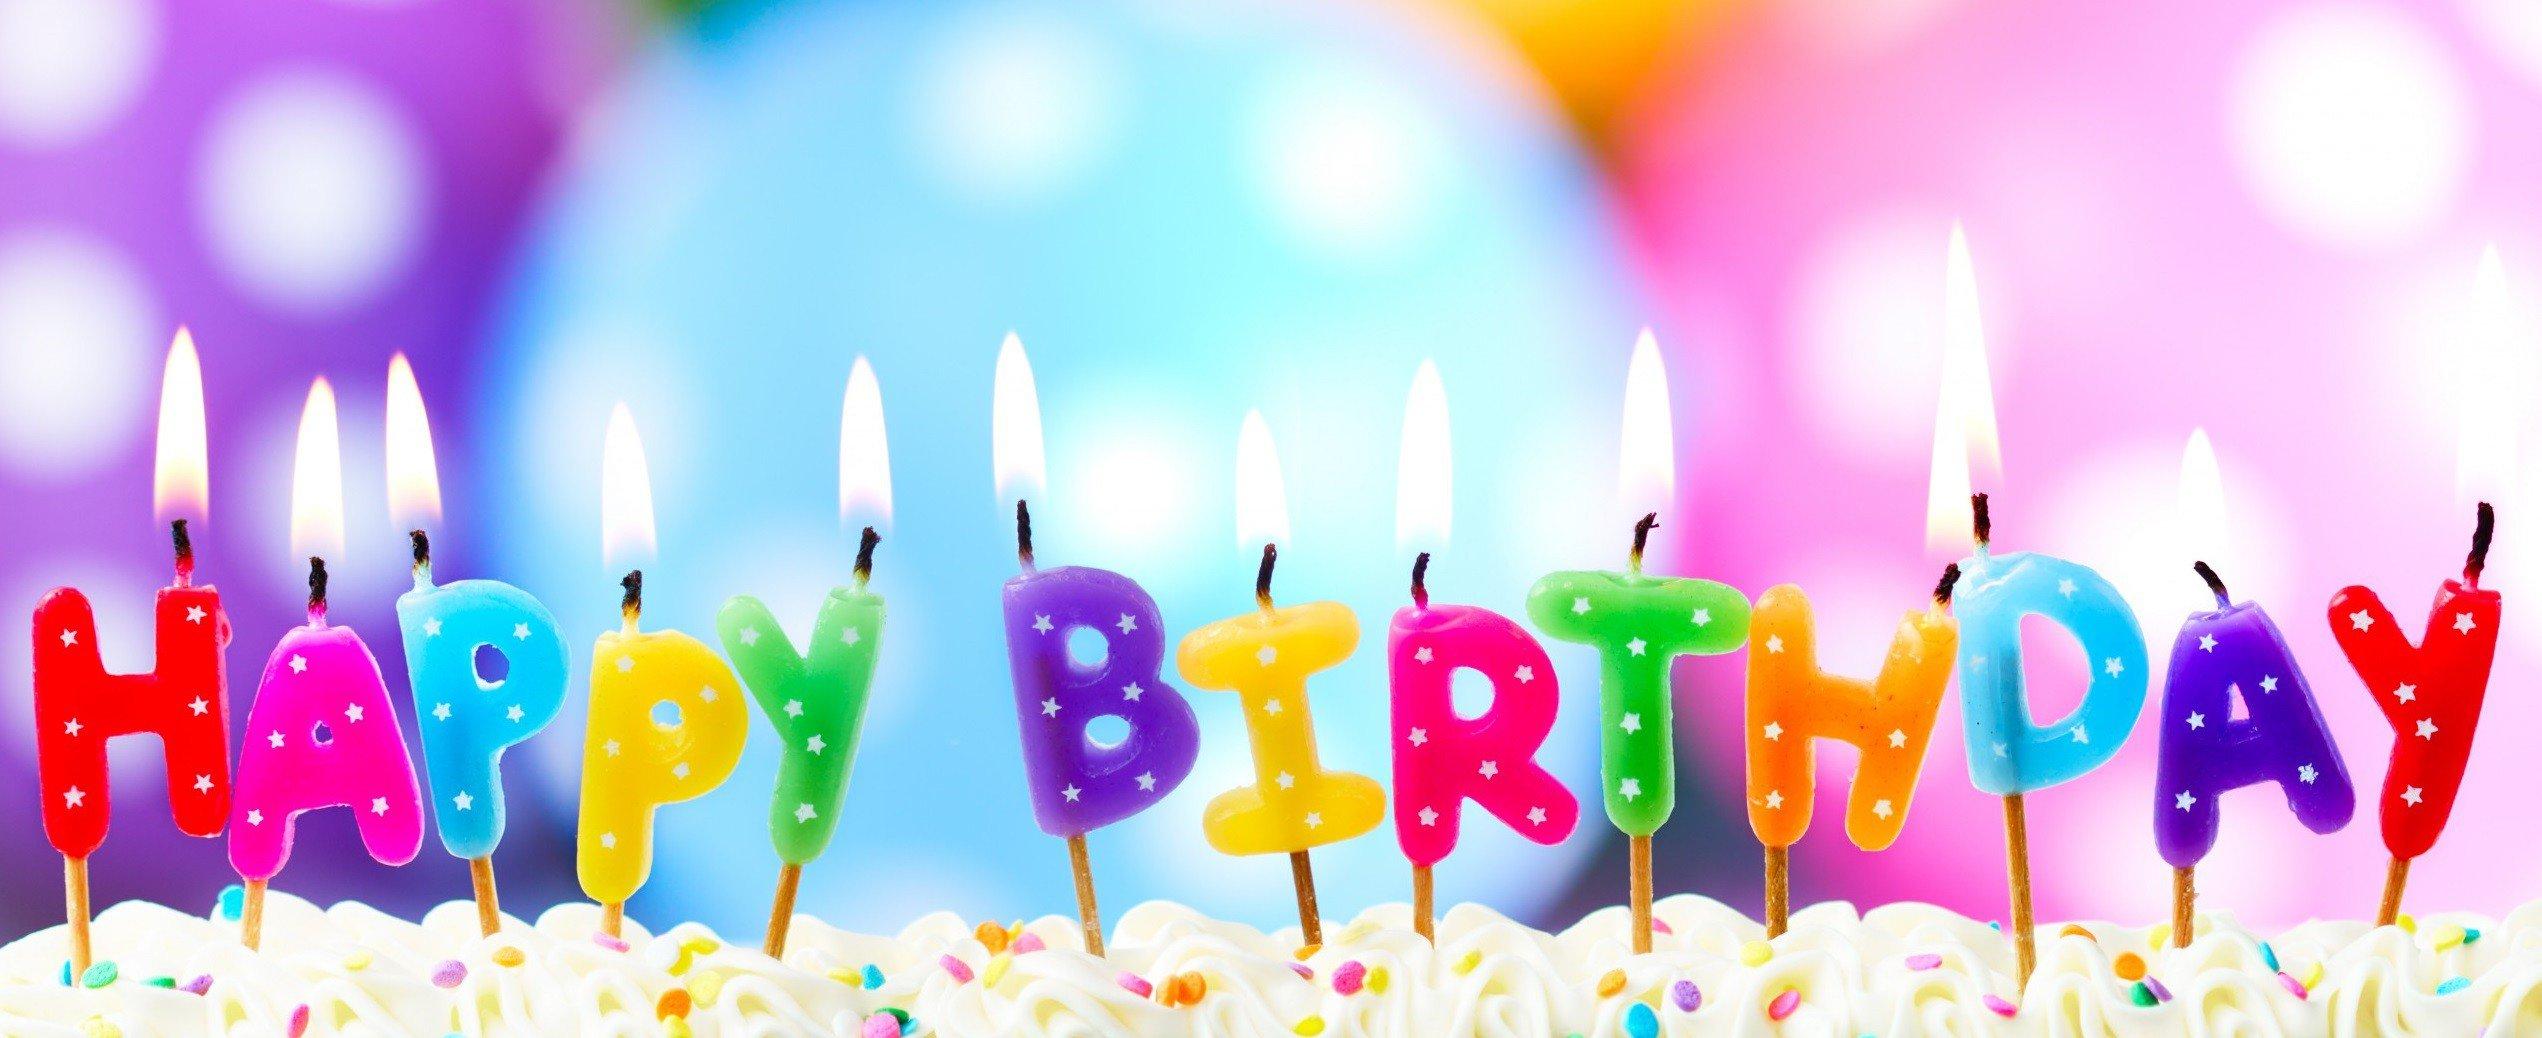 Что нельзя делать в день рождения? Мало кто об этом знает